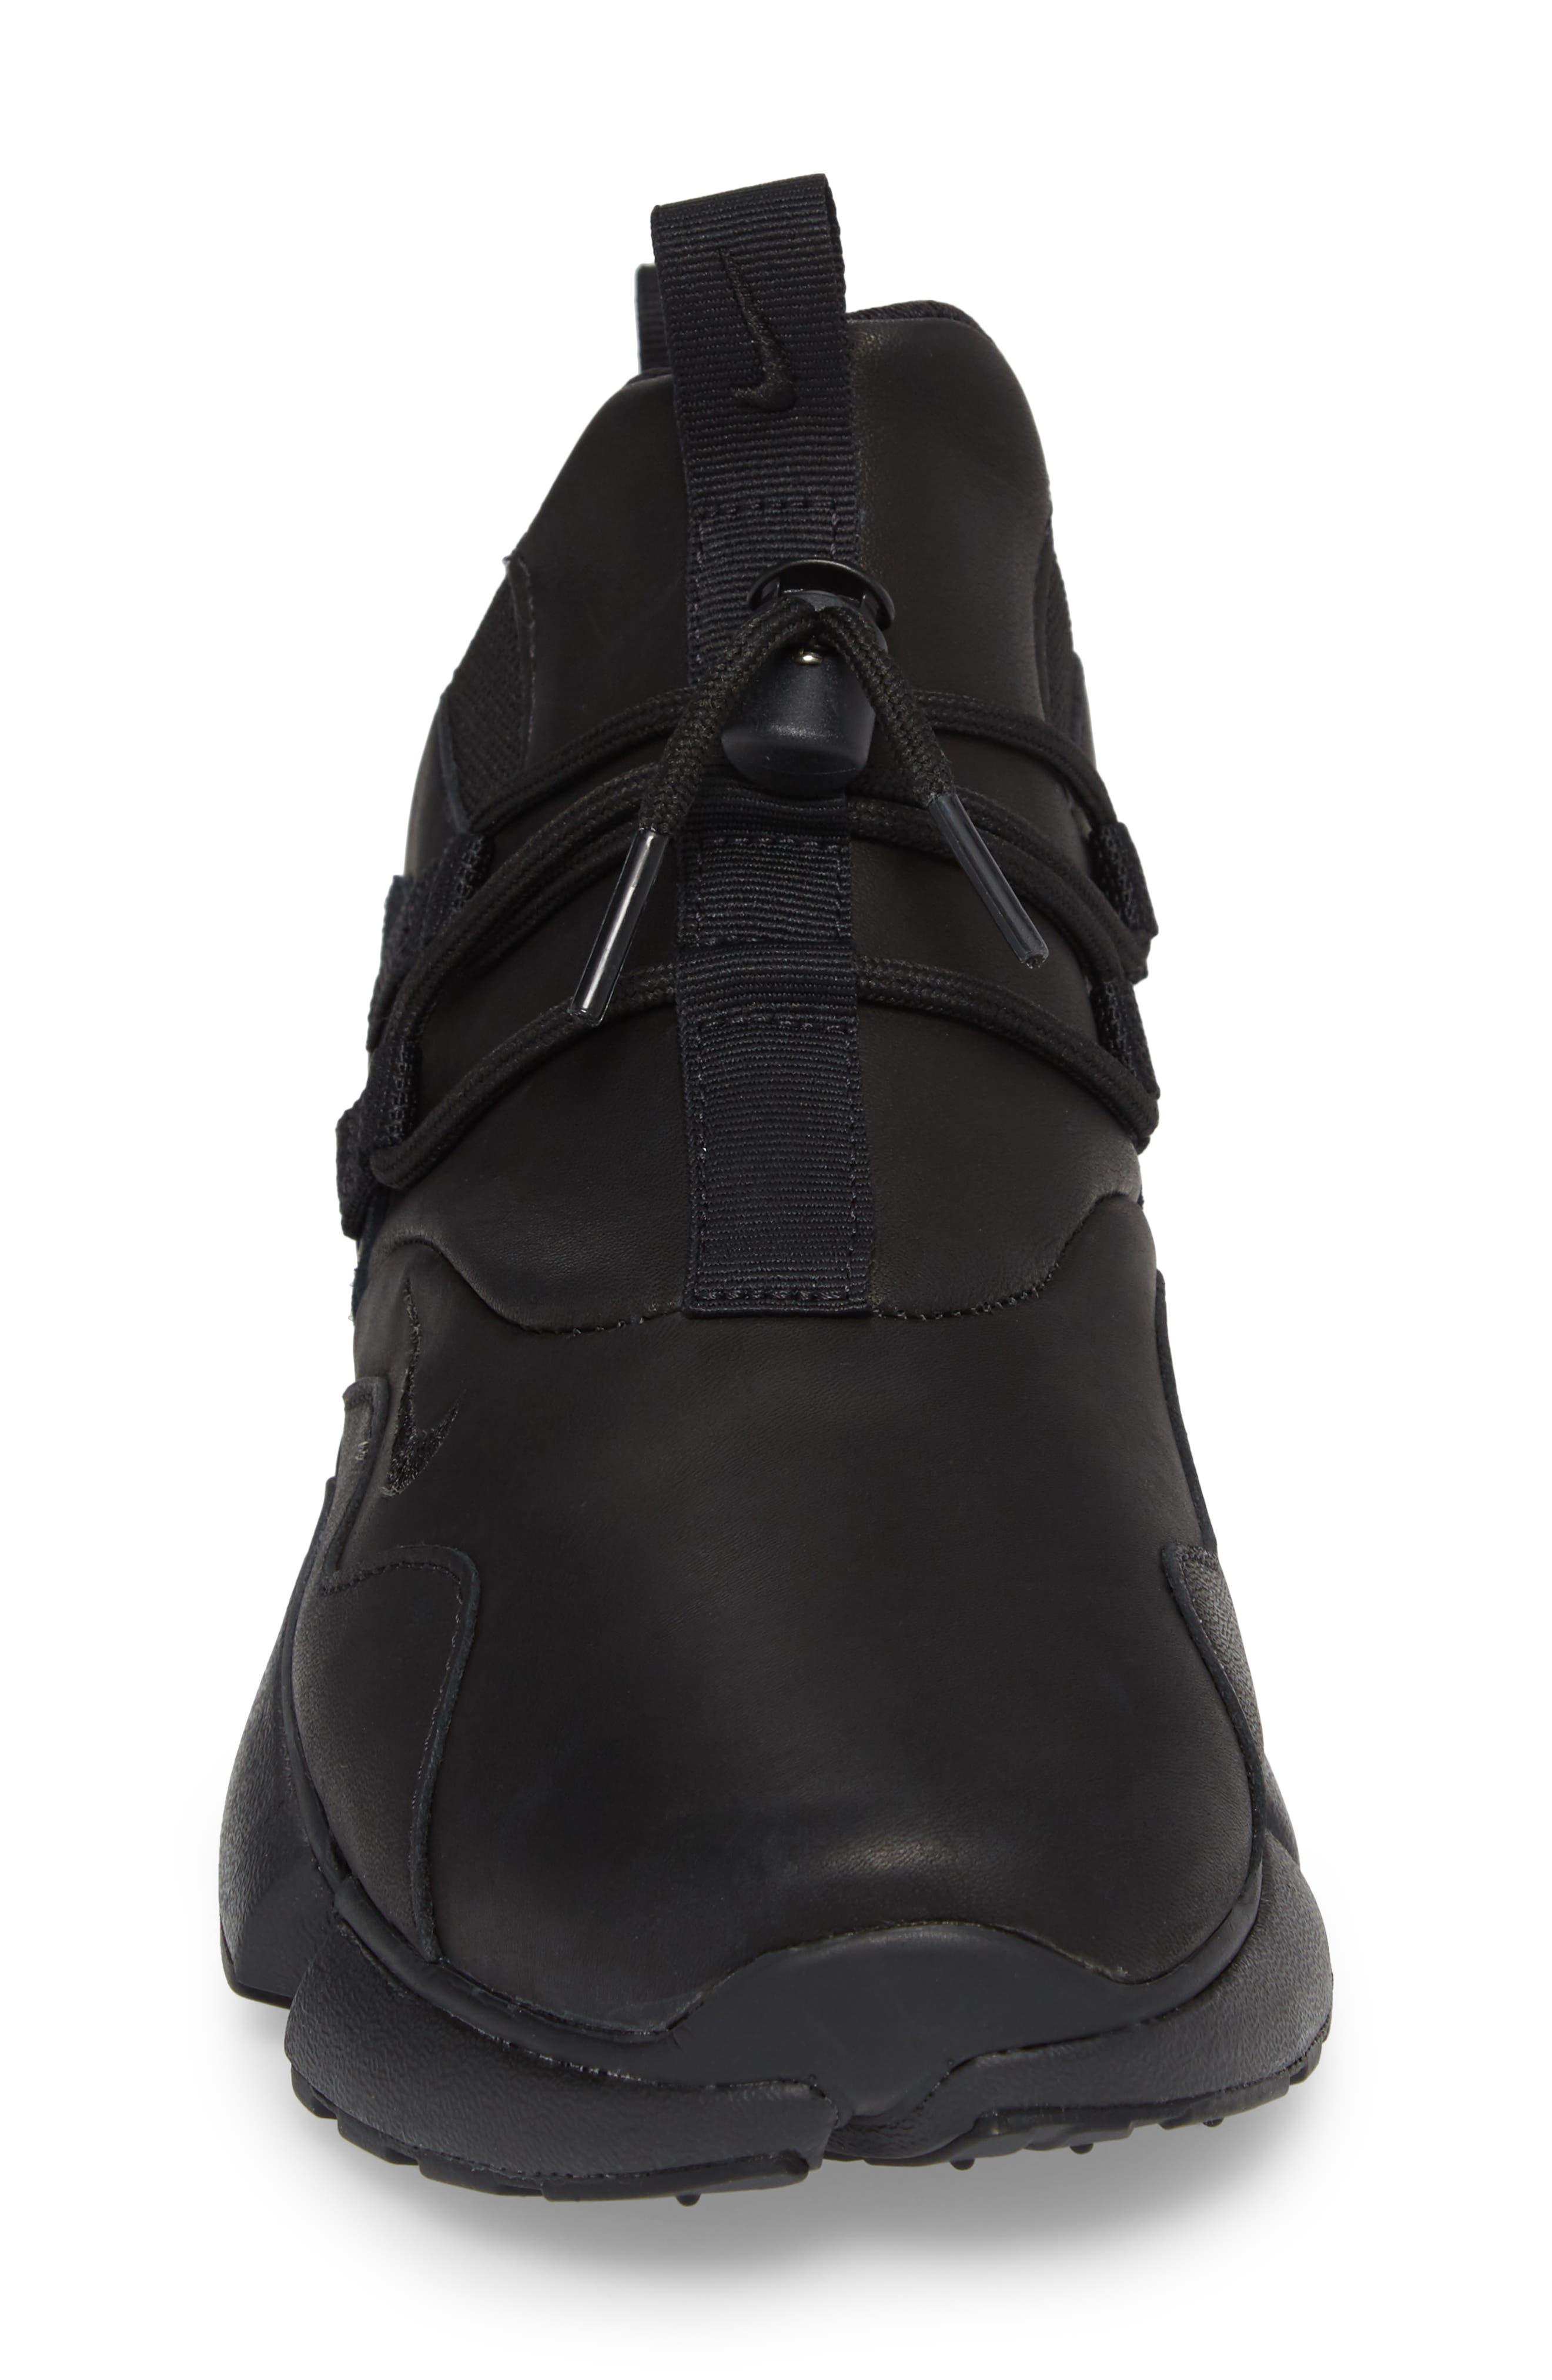 PocketKnife DM Sneaker,                             Alternate thumbnail 4, color,                             002